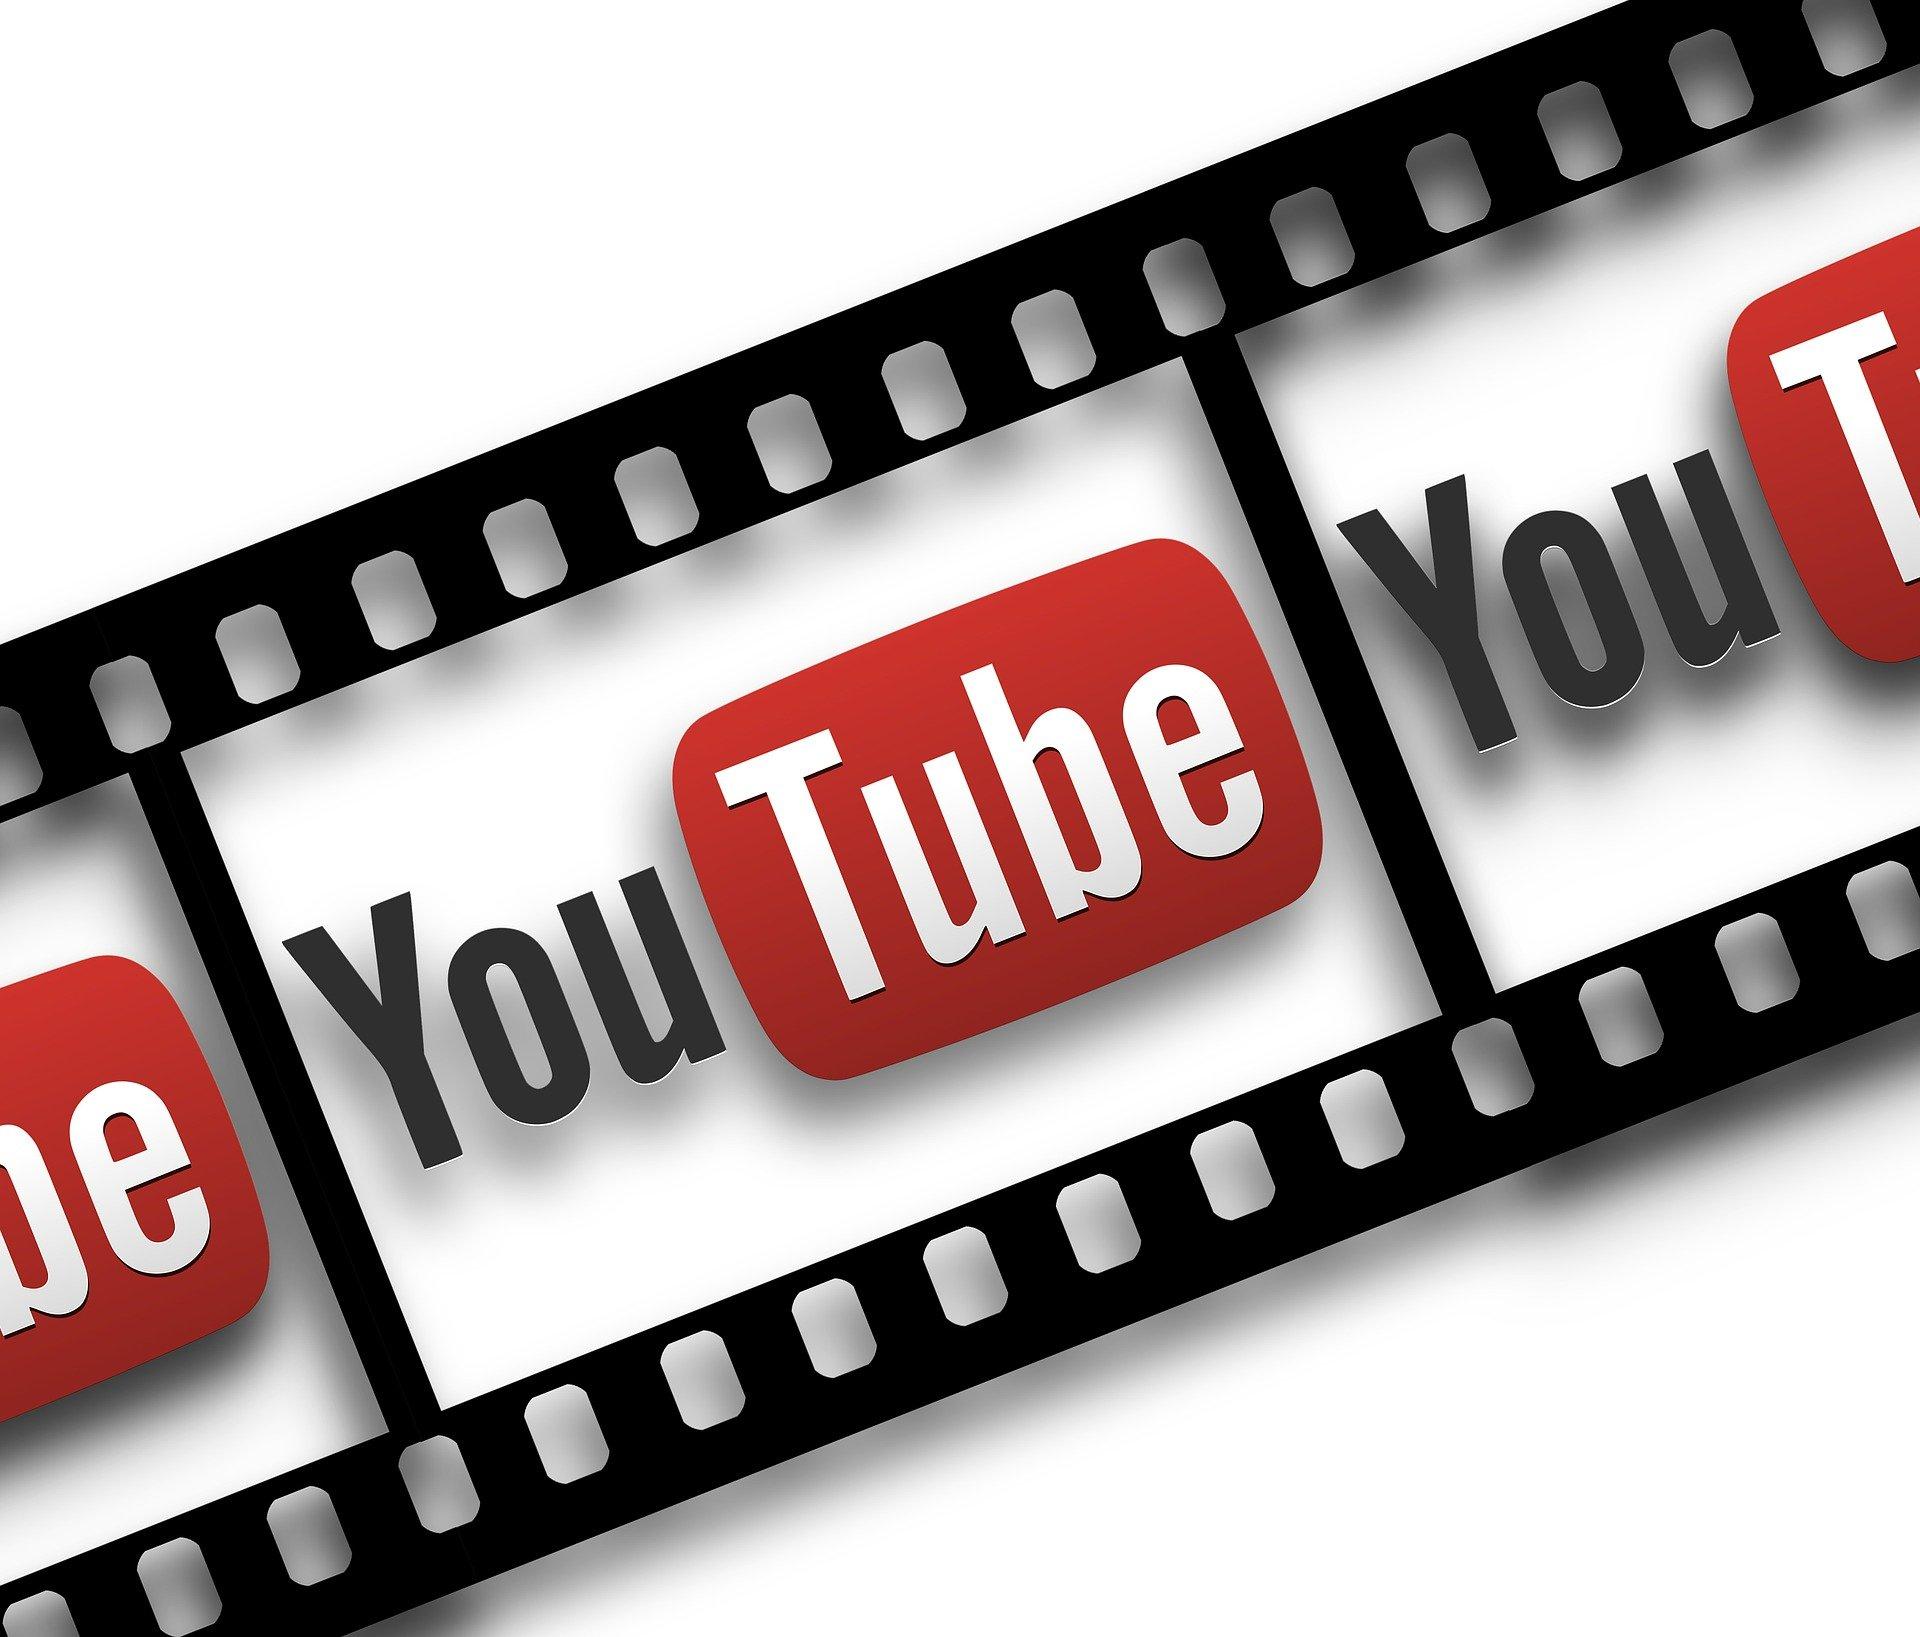 Meus canais favoritos no Youtube